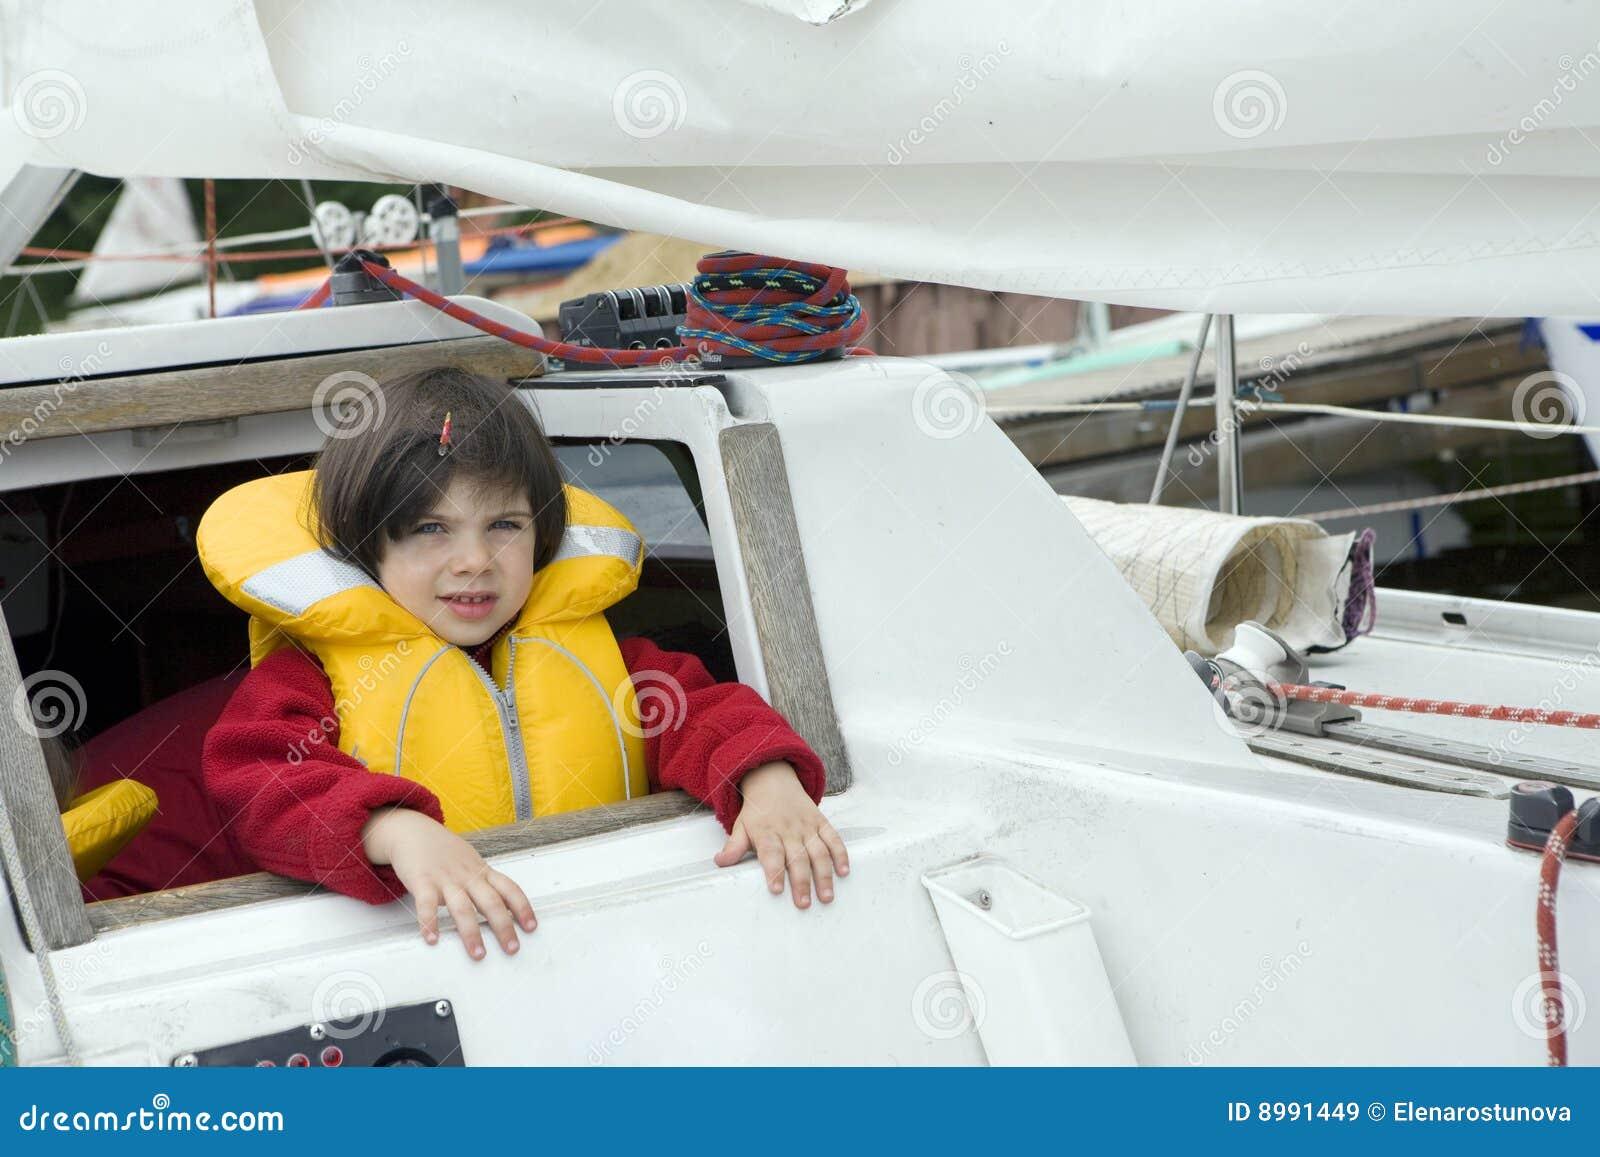 Piccola ragazza sveglia in giubbotto di salvataggio sull yacht